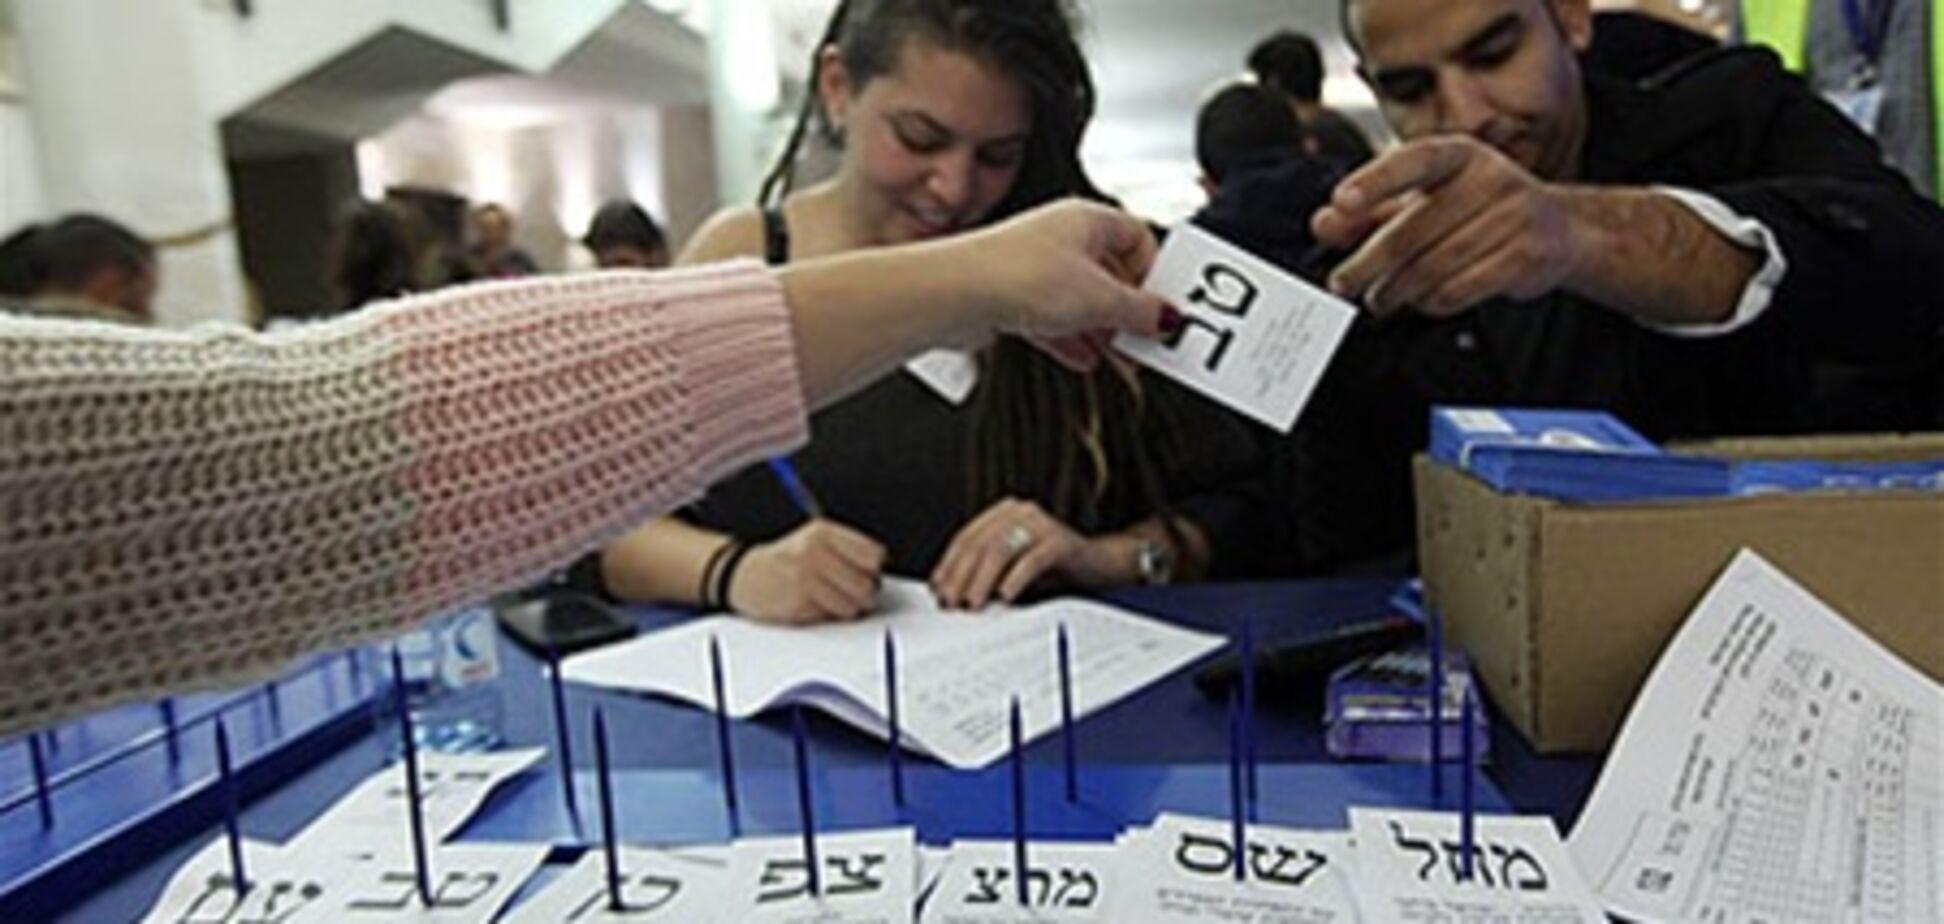 Выборы-2013 в Израиле: 'Пиррова победа' Нетаниягу